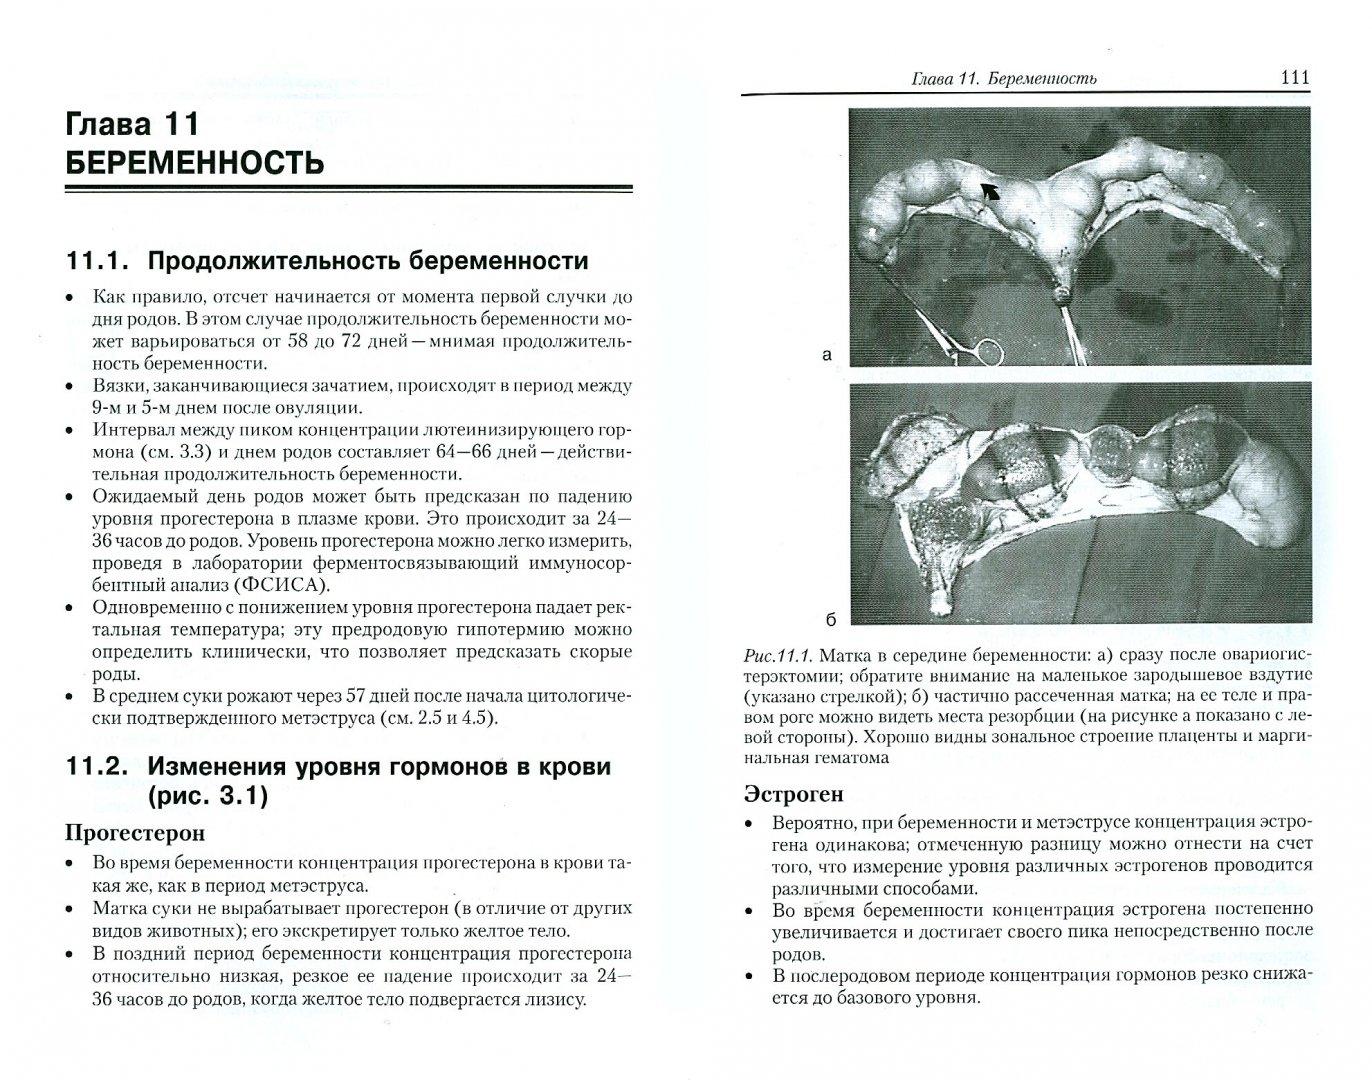 Иллюстрация 1 из 7 для Акушерство и гинекология собак - Гэри Инглэнд | Лабиринт - книги. Источник: Лабиринт